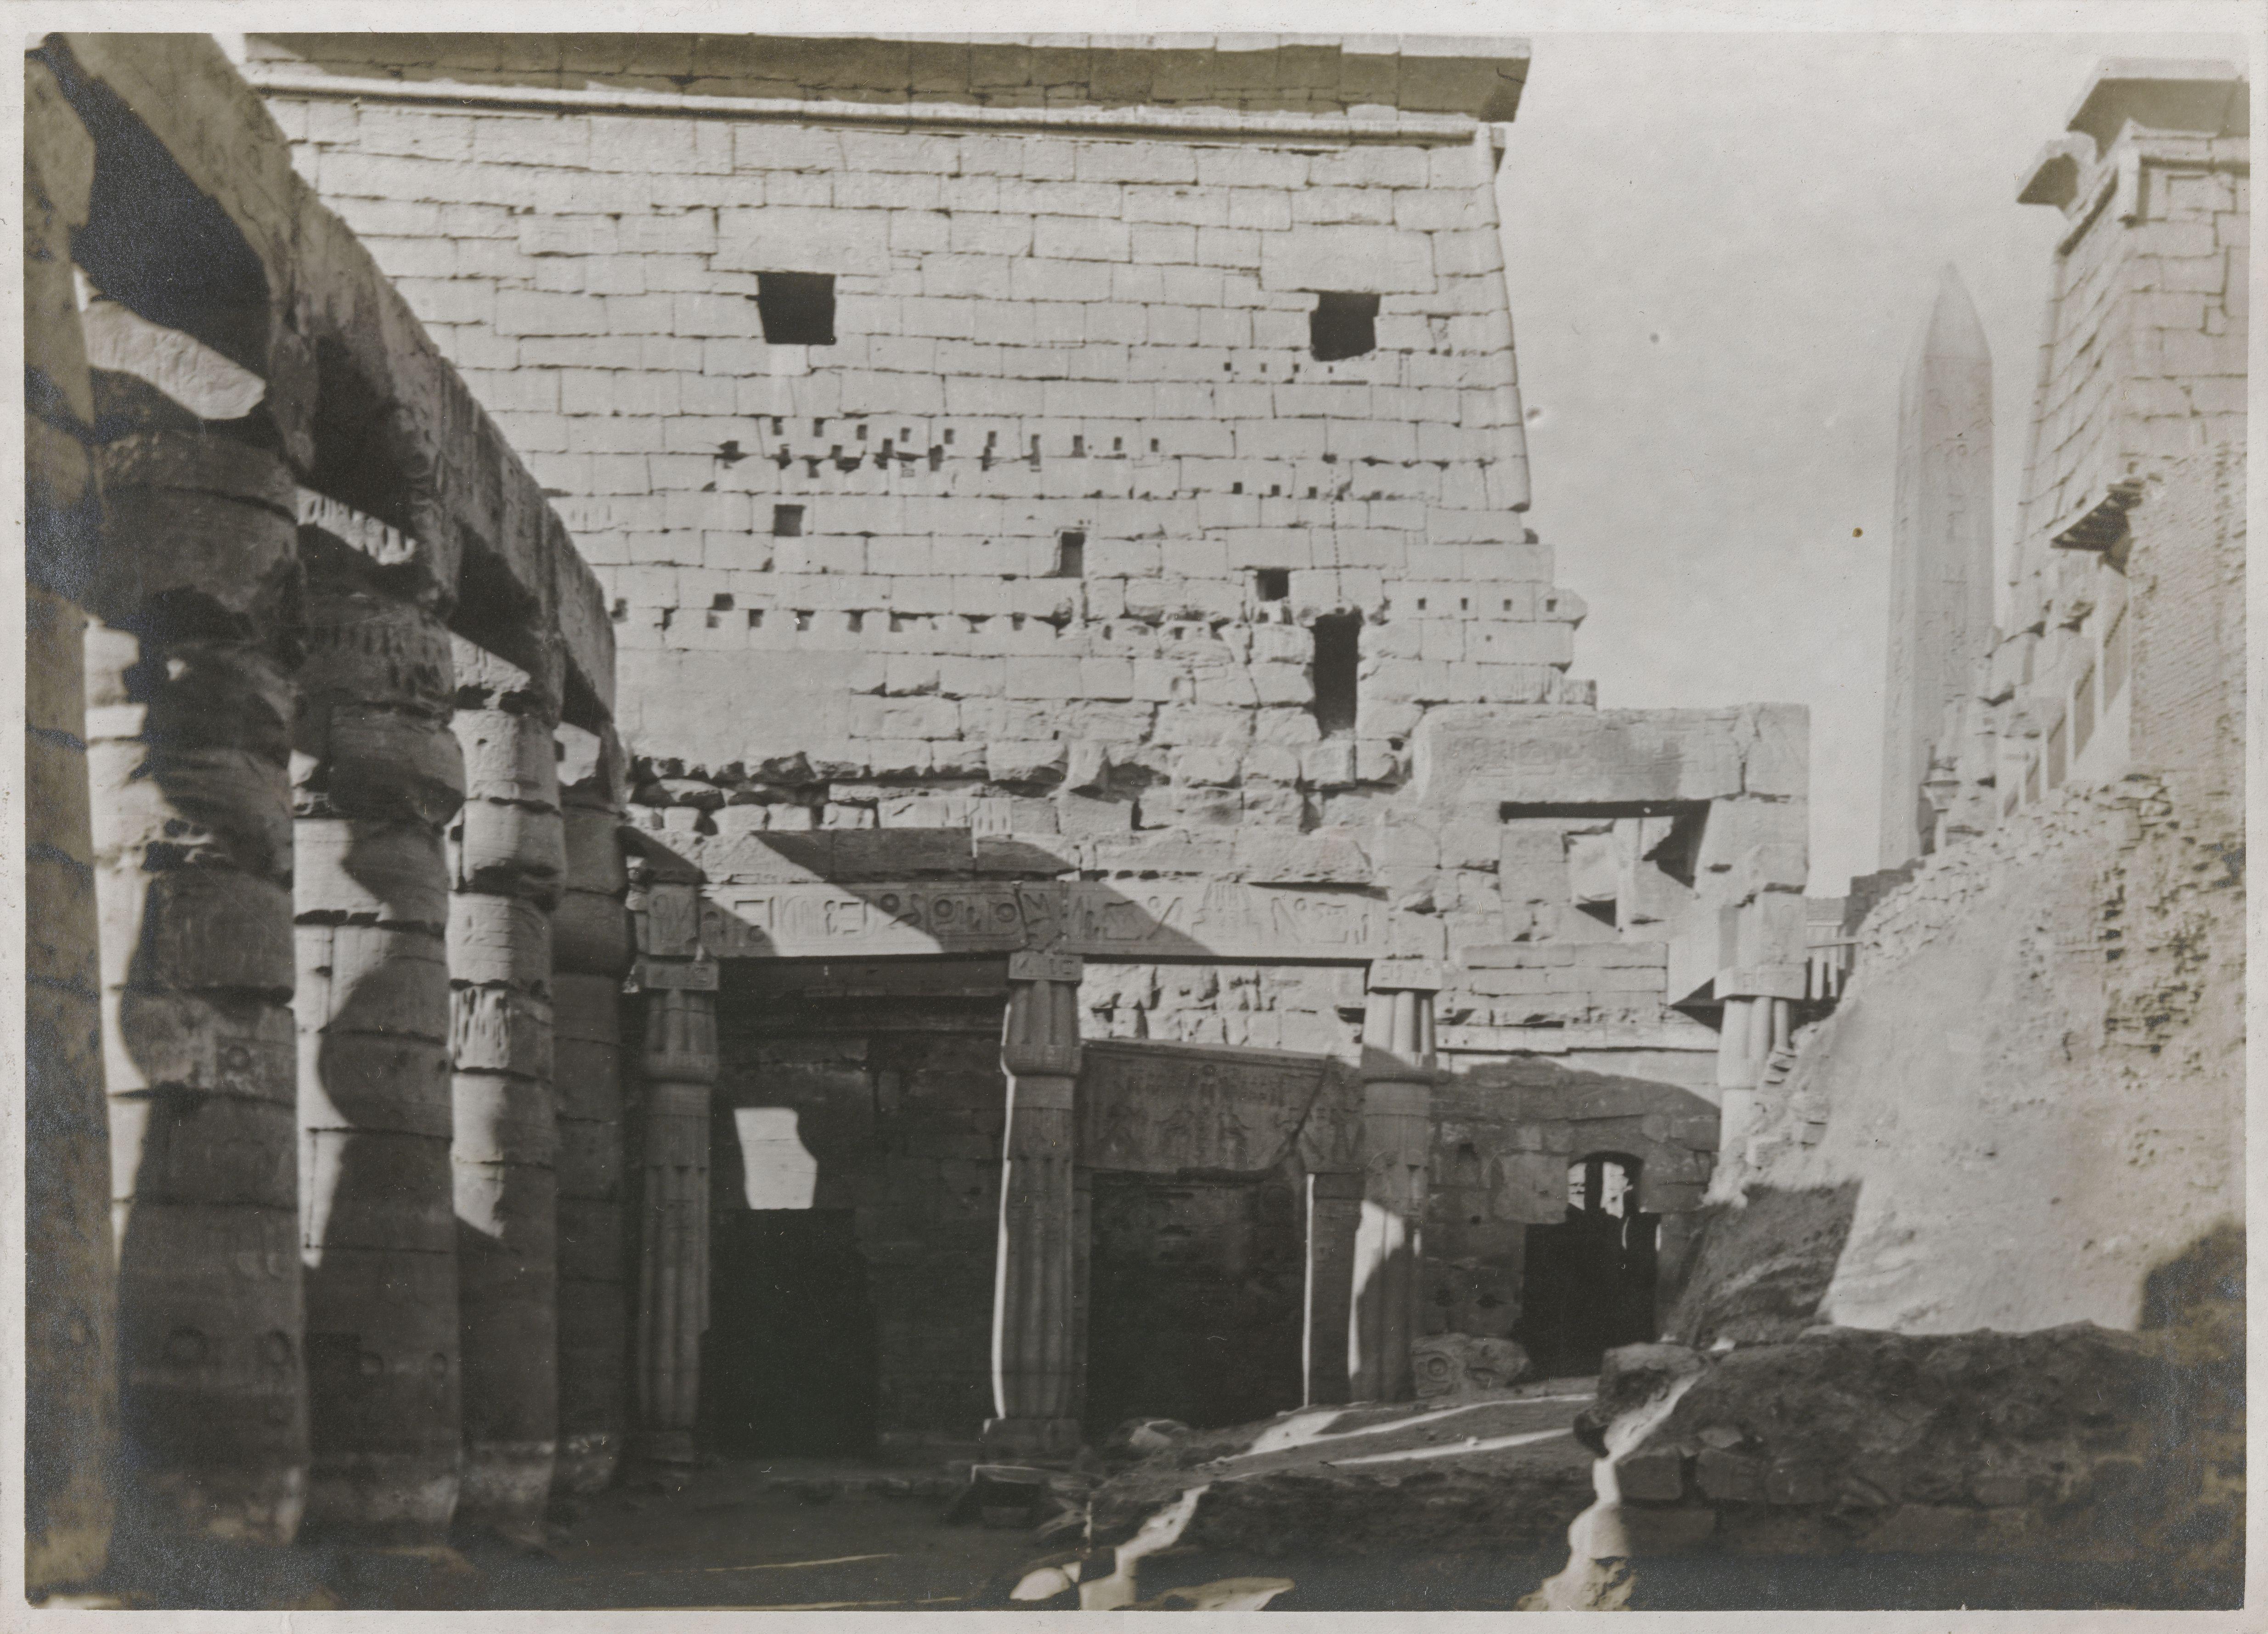 Луксор. В первом дворе, за пилоном. Справа - обелиск, чей меньший сосед украсил площадь Согласия в Париже в 1836